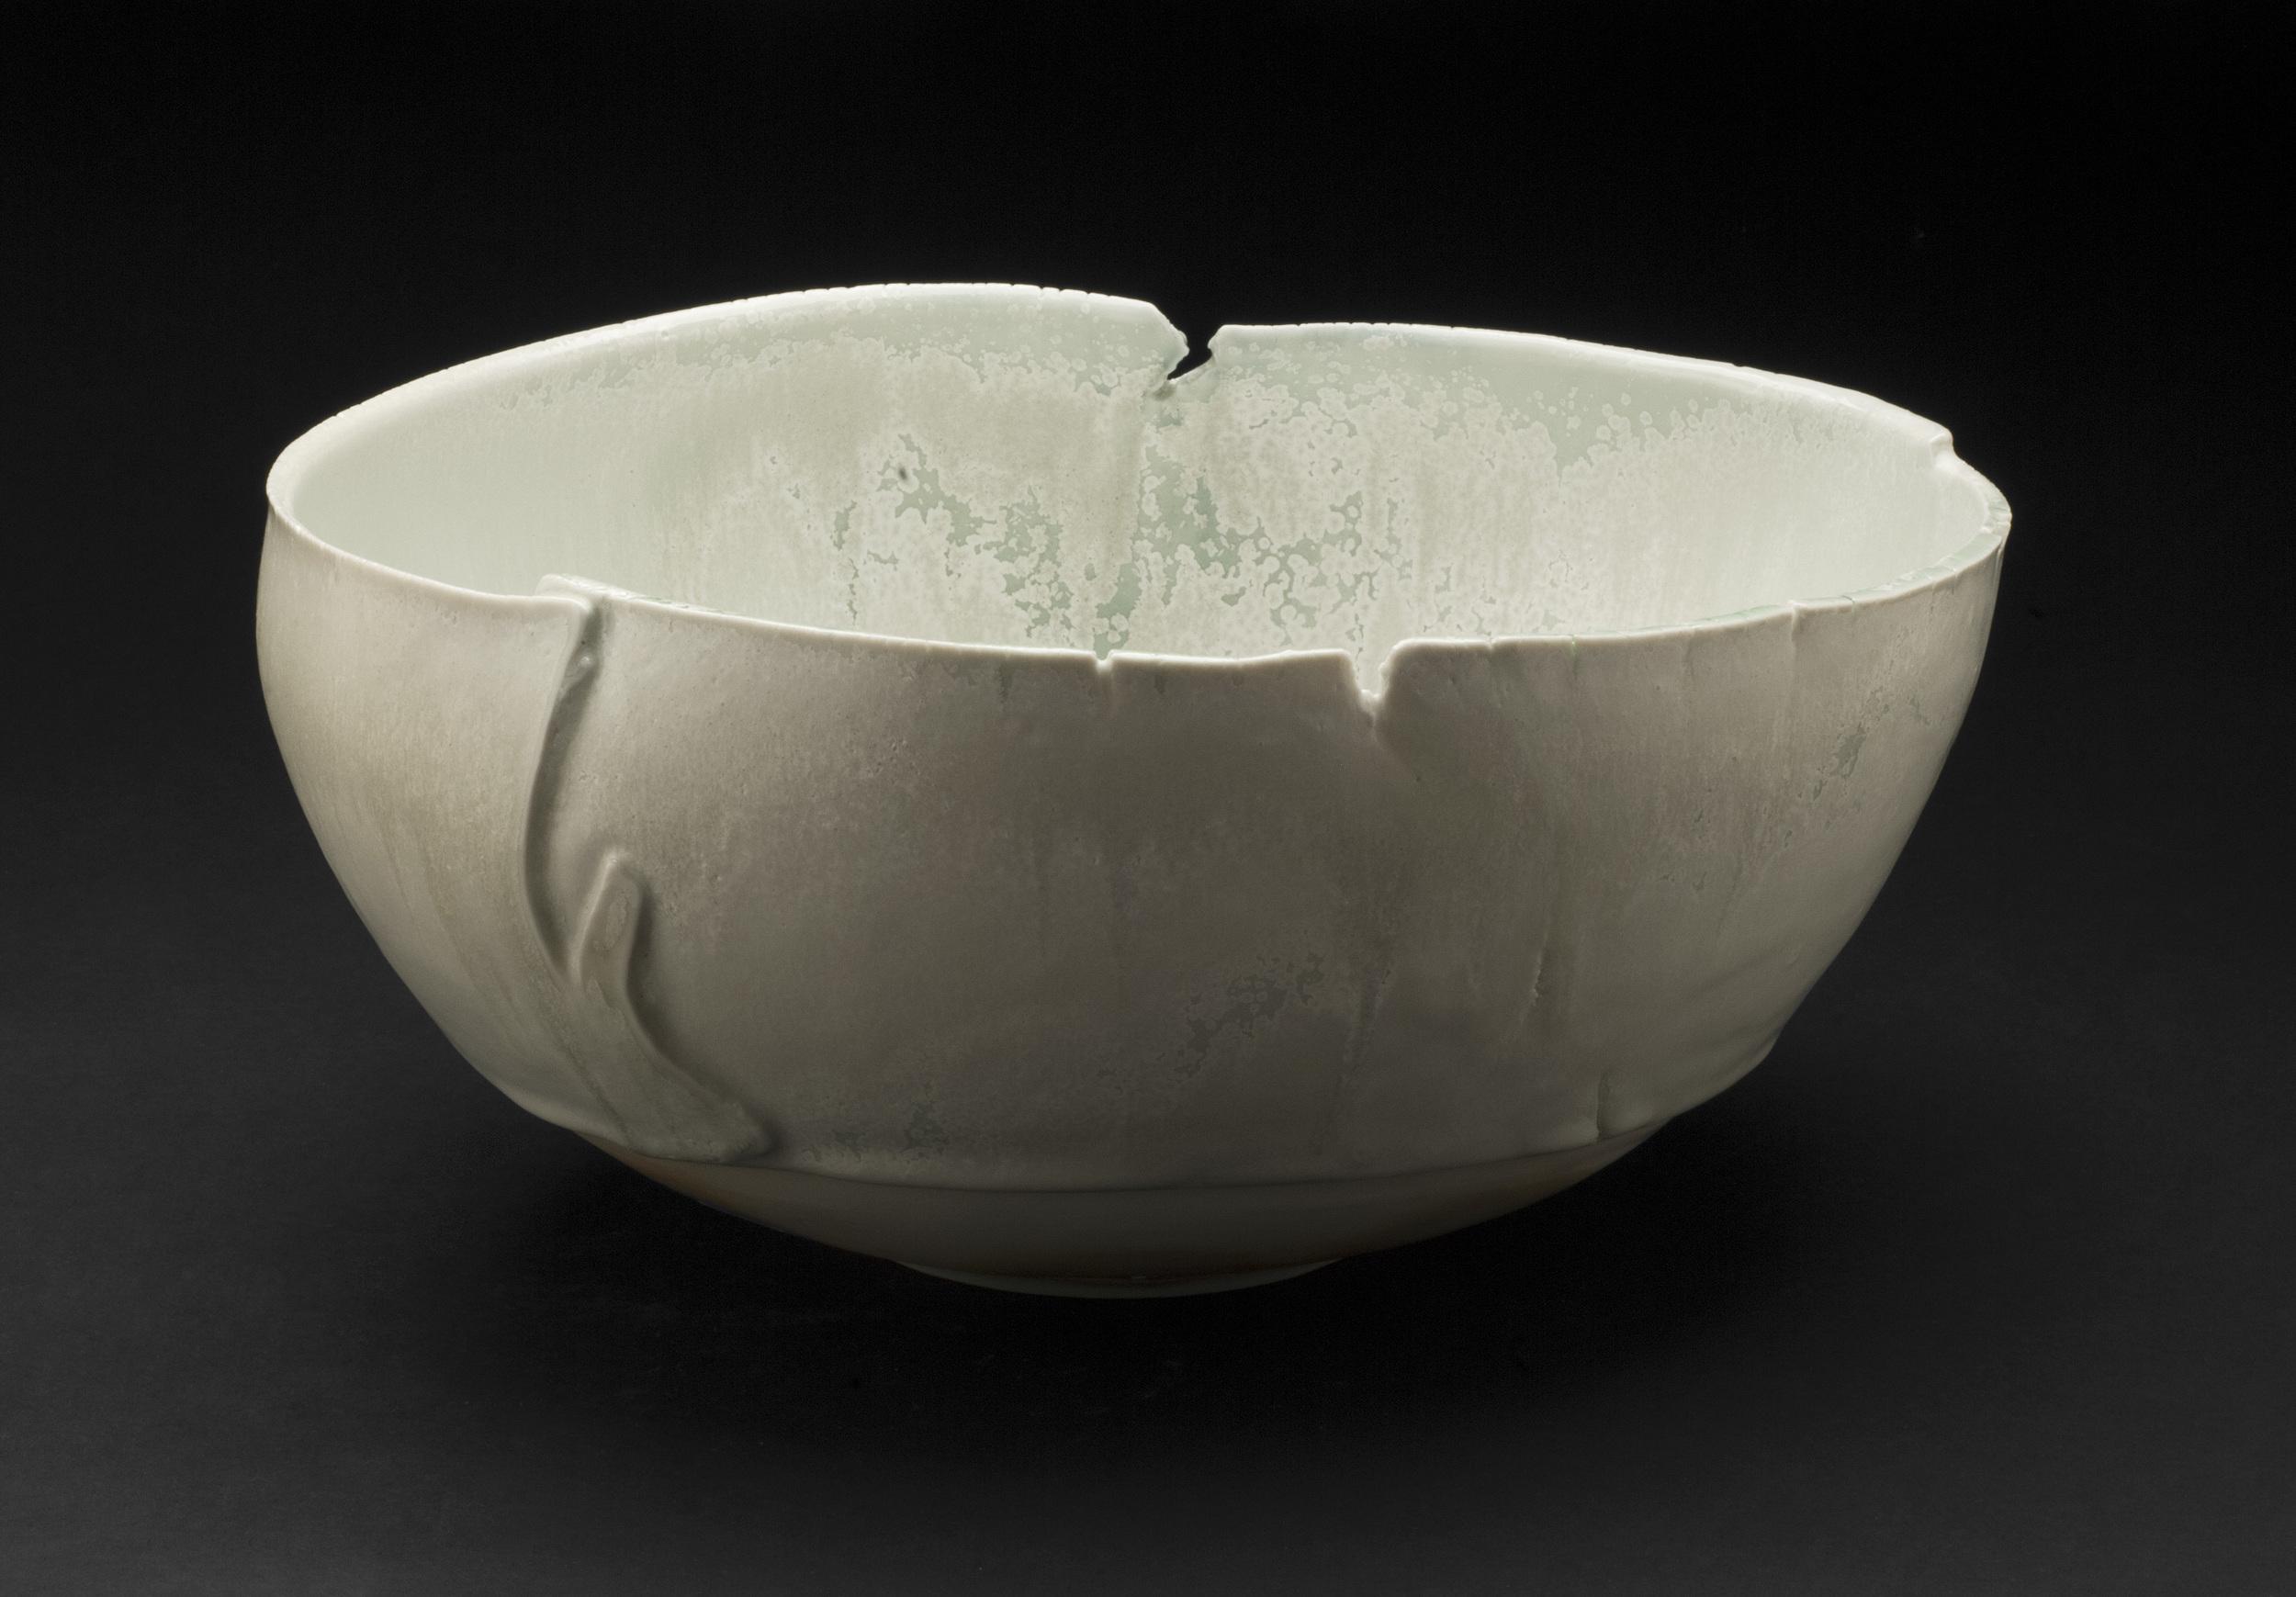 Mami Kato    Tsukiakari  , 2013 Ceramic 5.75 x 11.75 x 10.25 inches / 14.6 x 29.8 x 26 cm / MmK 1